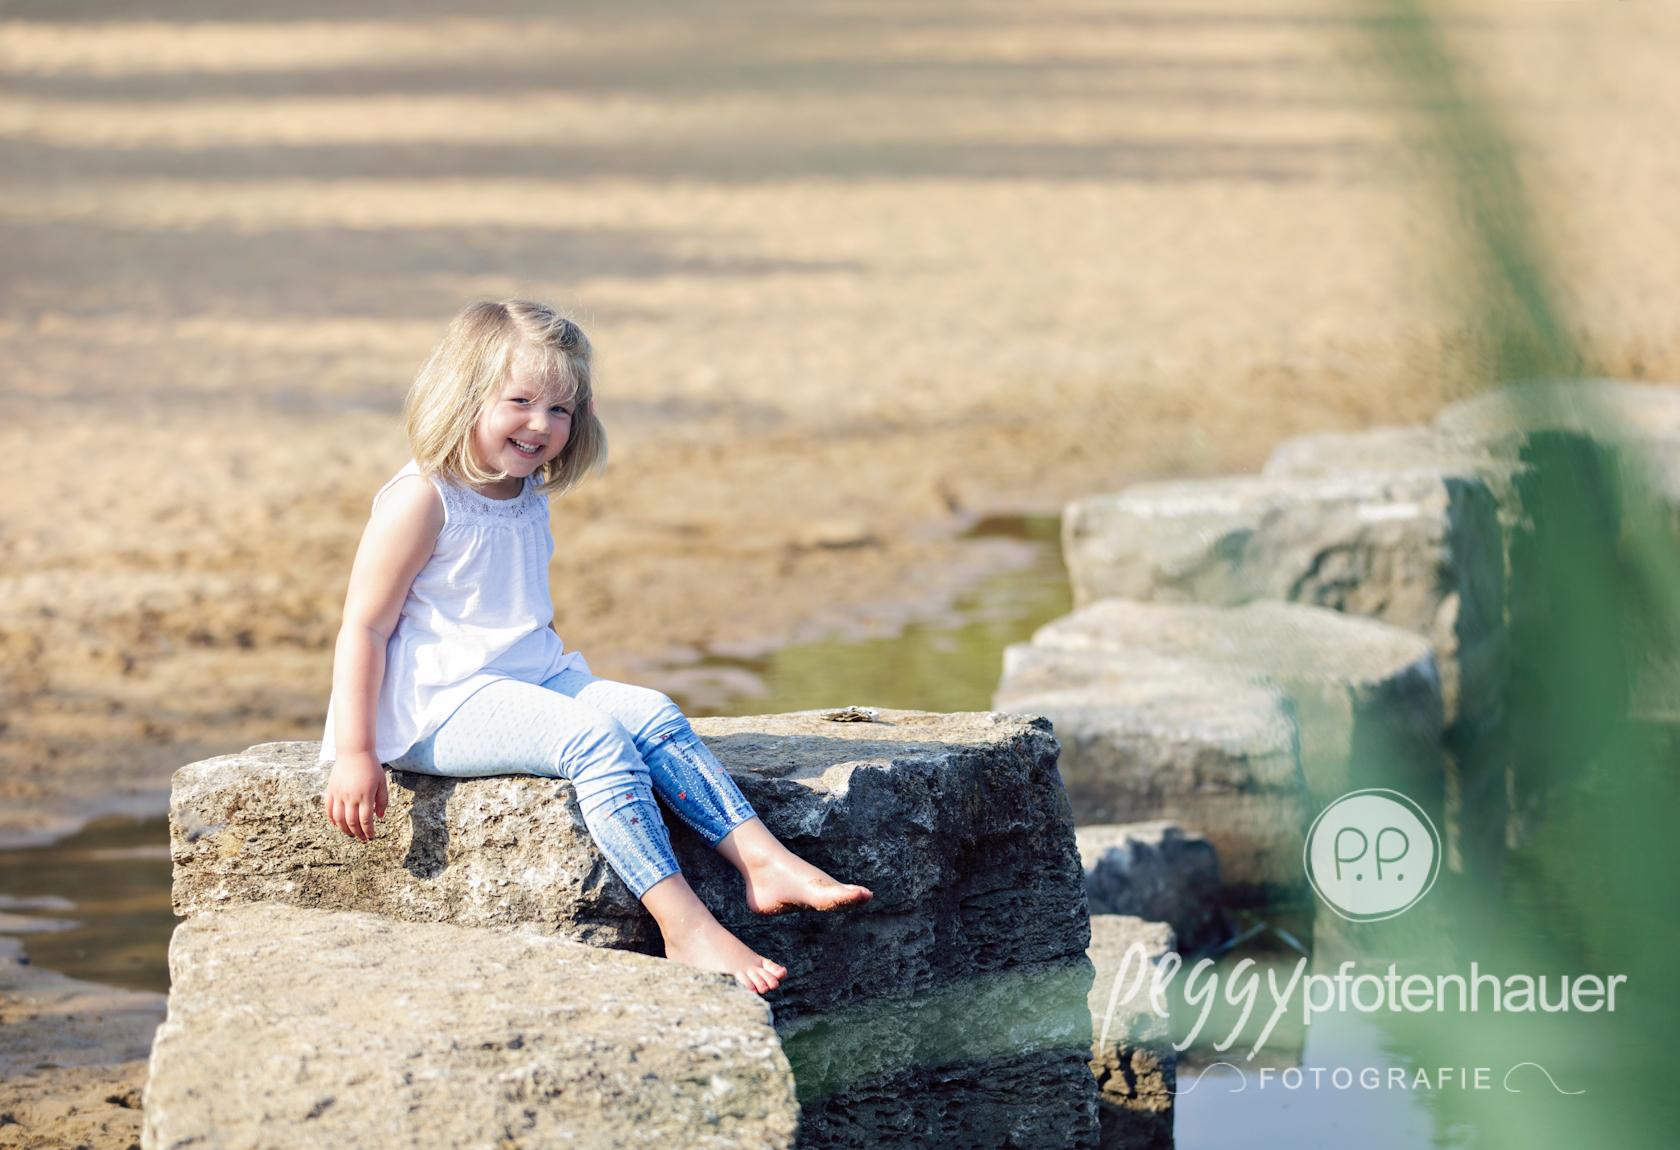 Kinderfotos Erlangen Peggy Pfotenhauer Fotografie